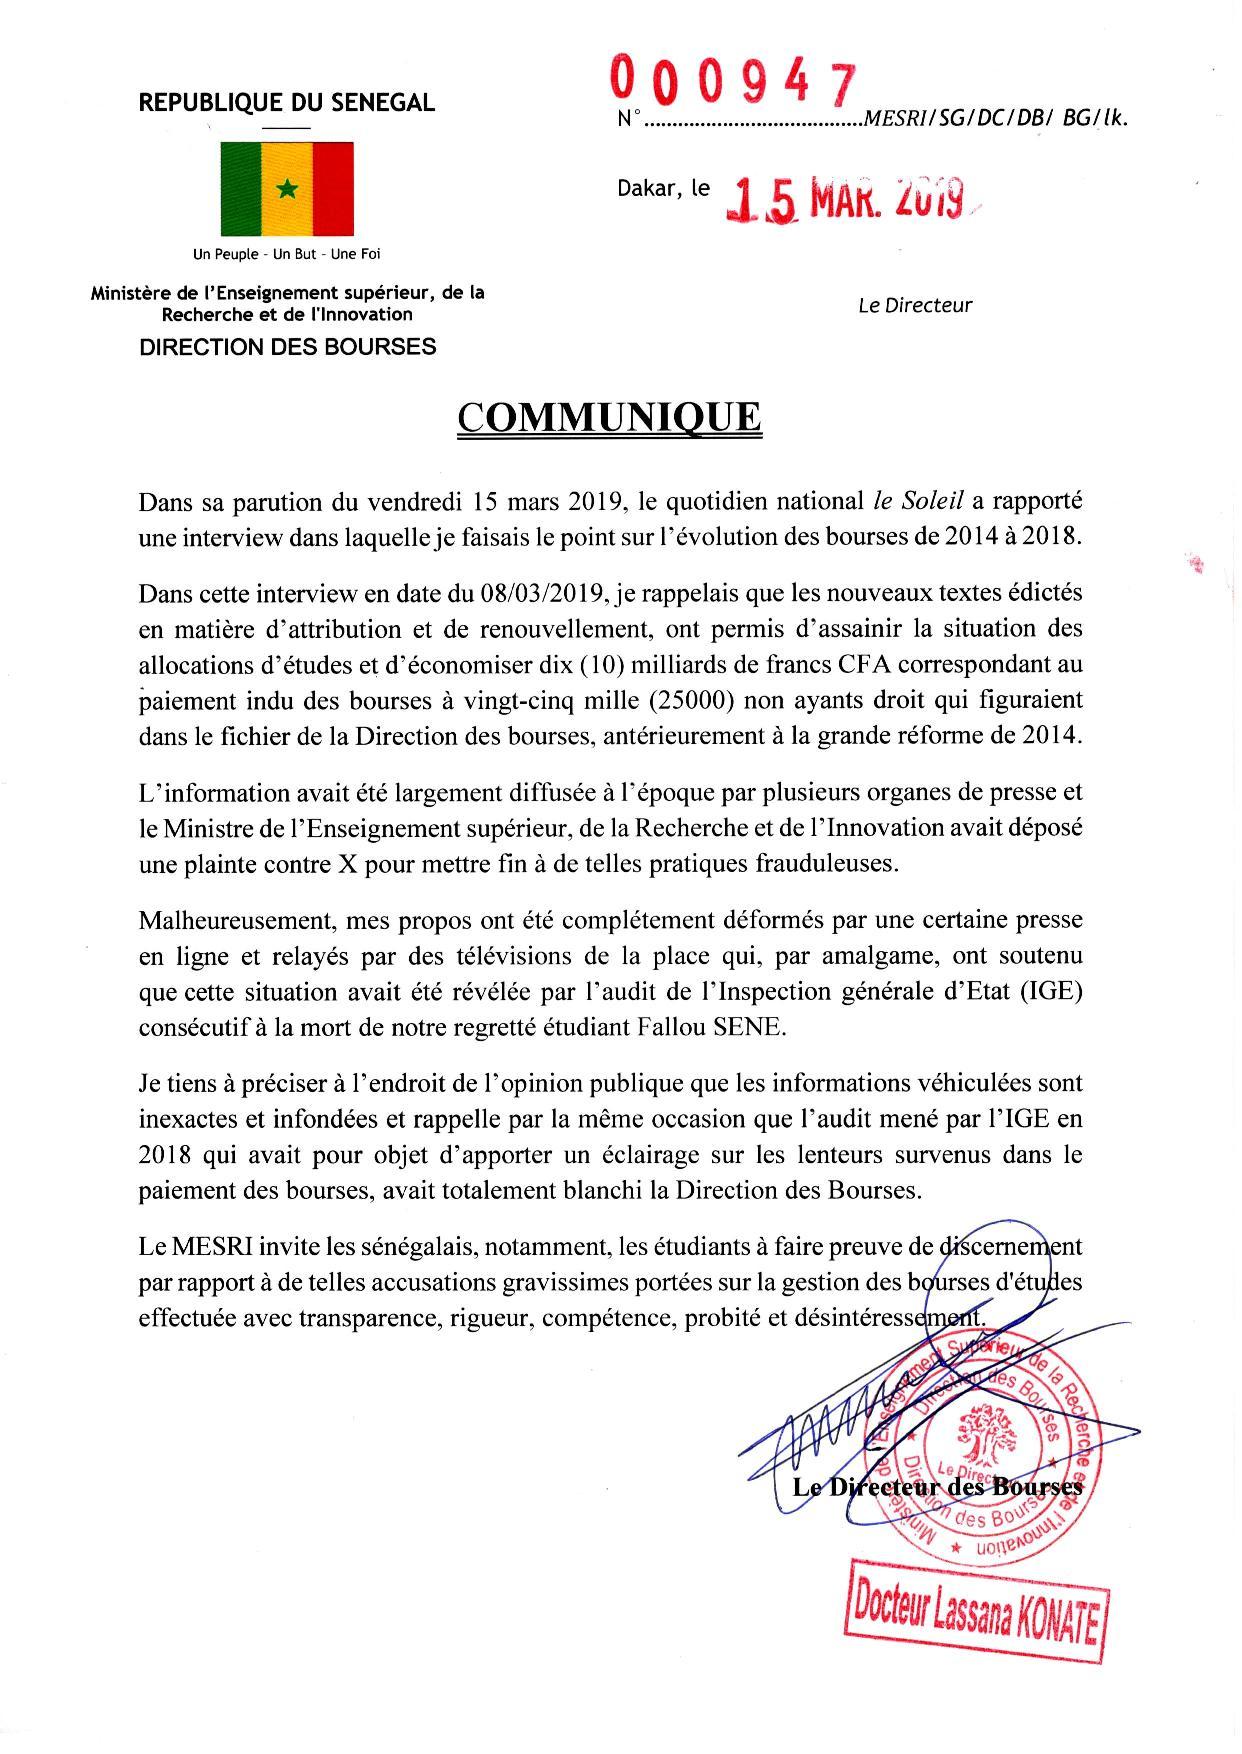 Bourses d'étudiants: Lassana Konaté accuse la presse d'avoir déformé ses propos (document)